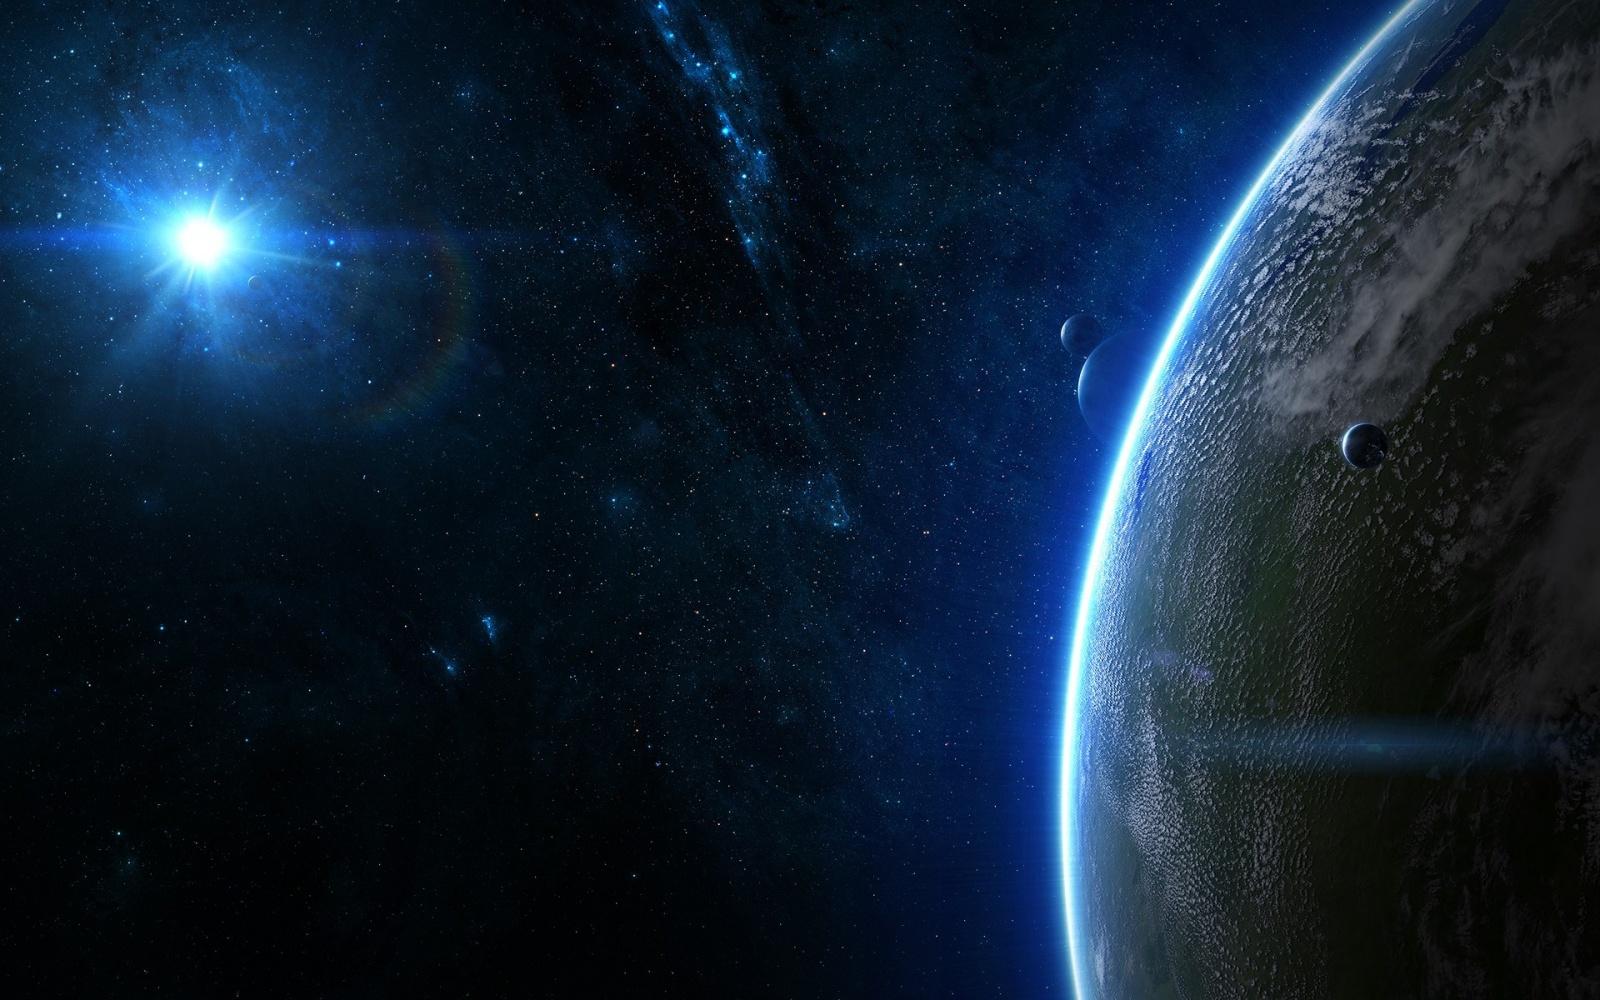 Россия готовит новый орбитальный телескоп для изучения экзопланет - 2